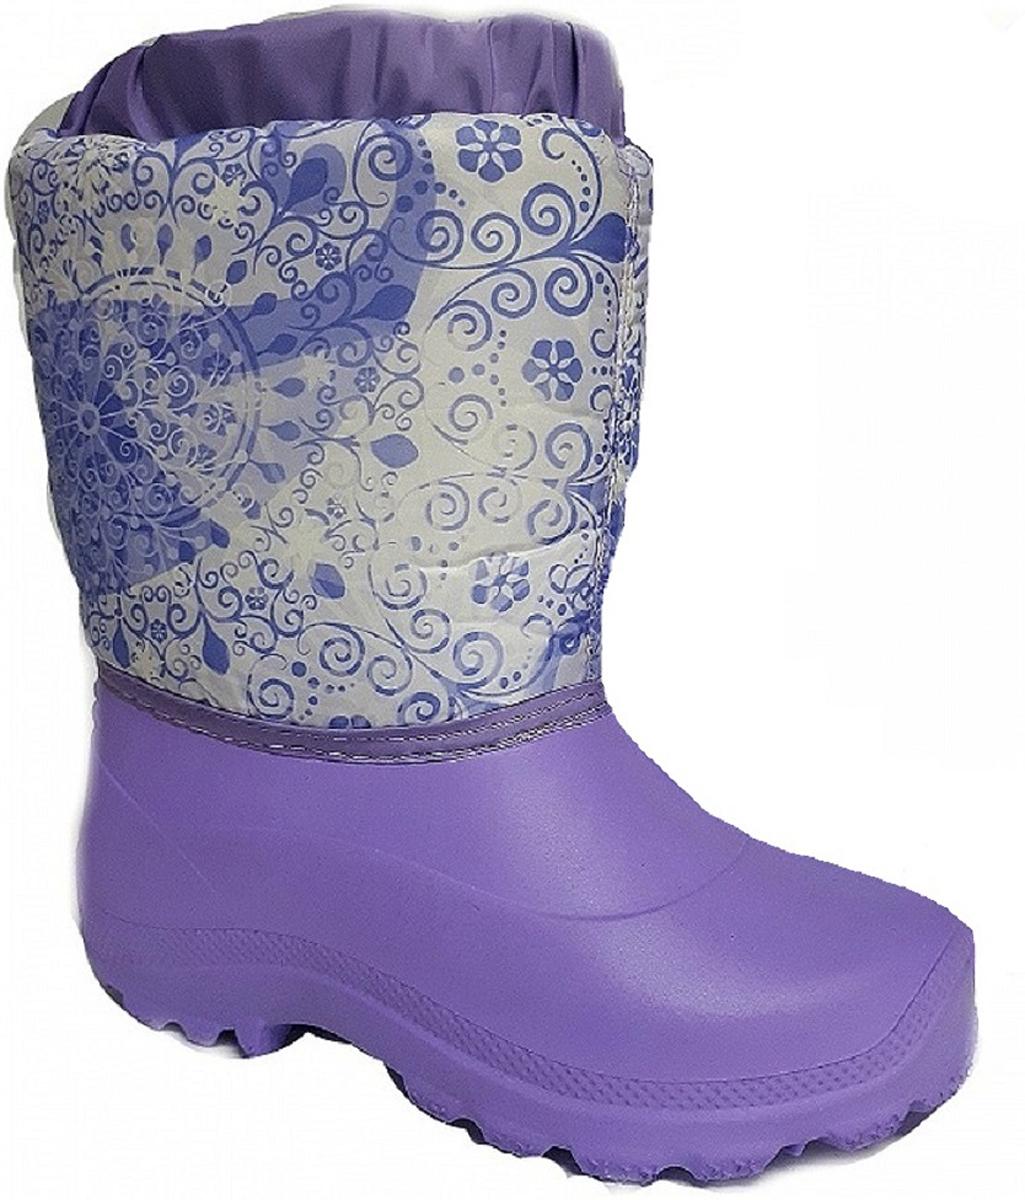 Норды детские Дарина Варенька, цвет: сиреневый. Размер 35-36Д604/35-36сиреньНорды детские Варенька очень легкие и теплые.Низ норда выполнен из морозостойкого материала ЭВА, и анти-скользящей подошвы. Верх норда выполнен из сверхпрочного материал Step и многослойной водоотталкивающей ткани - Drive, что позволяет сохранить ноги Вашего ребенка в тепле и сухости.Тип: Сапоги. Утепленные: да. Температурный режим: до -20С. Дизайн: для детей. Страна производителя: Россия.Сырье продукта: ЭВА. Материал подошвы: ЭВА. Cостав текстильного элемента: фиксатор, люверсы, шнур-резина, молния. Название ткани: Дюспо 210 + ППУ. Свойства ткани Дюспо – это прочная ткань из синтетических волокон (нейлона или полиэстера) определенной структуры с нанесенным полиуретановым покрытием (PU или PVC). Это покрытие обеспечивает водонепроницаемость ткани оксфорд и препятствует накоплению грязи между волокнами. Рулонный пенополиуретан (ППУ) широко используется в обувной промышленности. Не съёмный. Кол-во слоев: 3. Вид ткани: ворсин + стелька ЭВА. Состав ткани: однослойное ворсованное полотно из полиэстера. Поверхностная плотность 400 г/м2. Используется как альтернатива искусственному меху. Швы 0,5-0,7. Технология шва: стачной шов с открытым срезом, стачной шов с обметанным срезом, окантовка верхнего среза тесьмой.